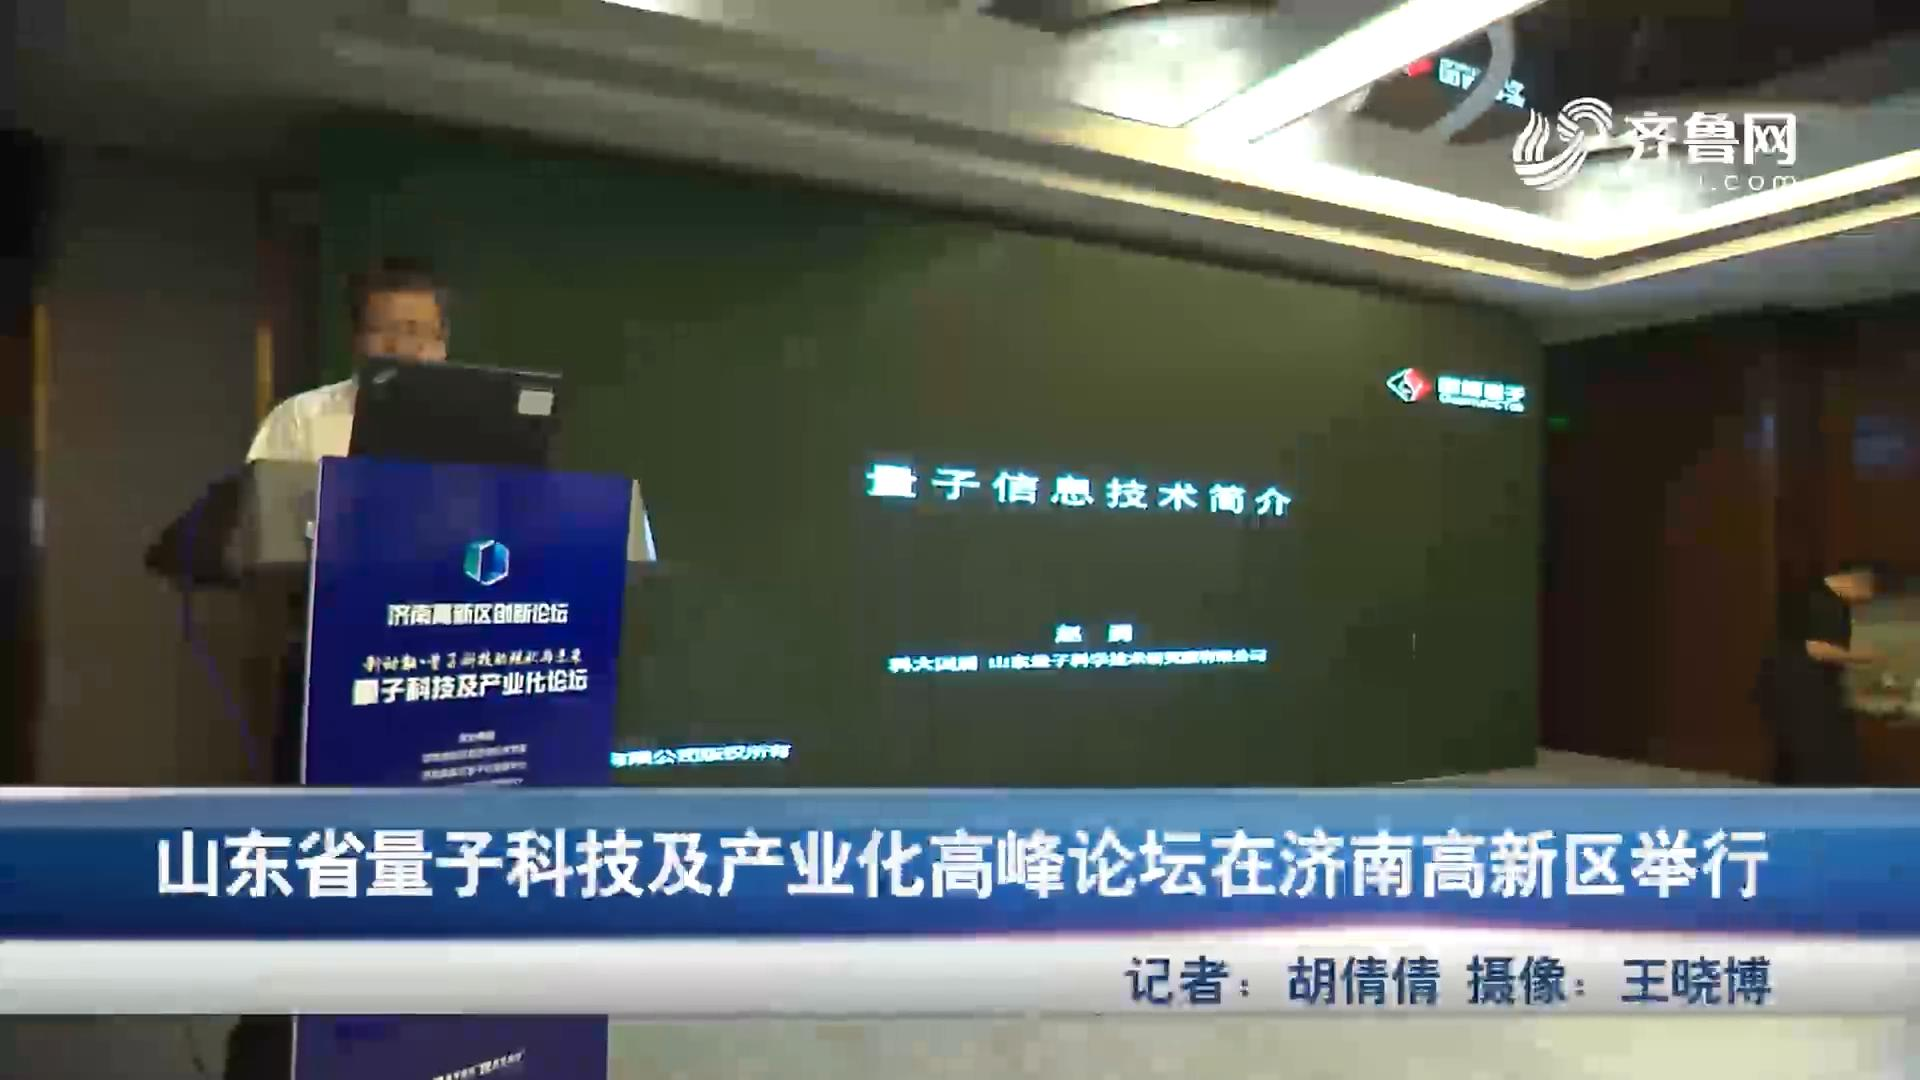 山东省量子科技及产业化高峰论坛在济南高新区举行